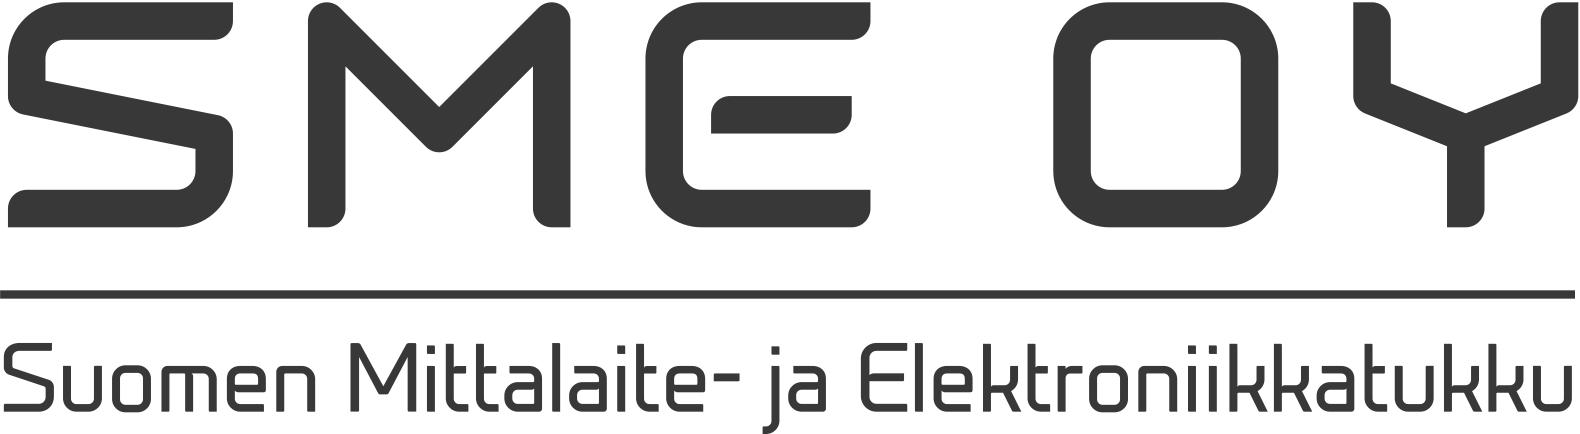 Suomen Mittalaite- ja Elektroniikkatukku